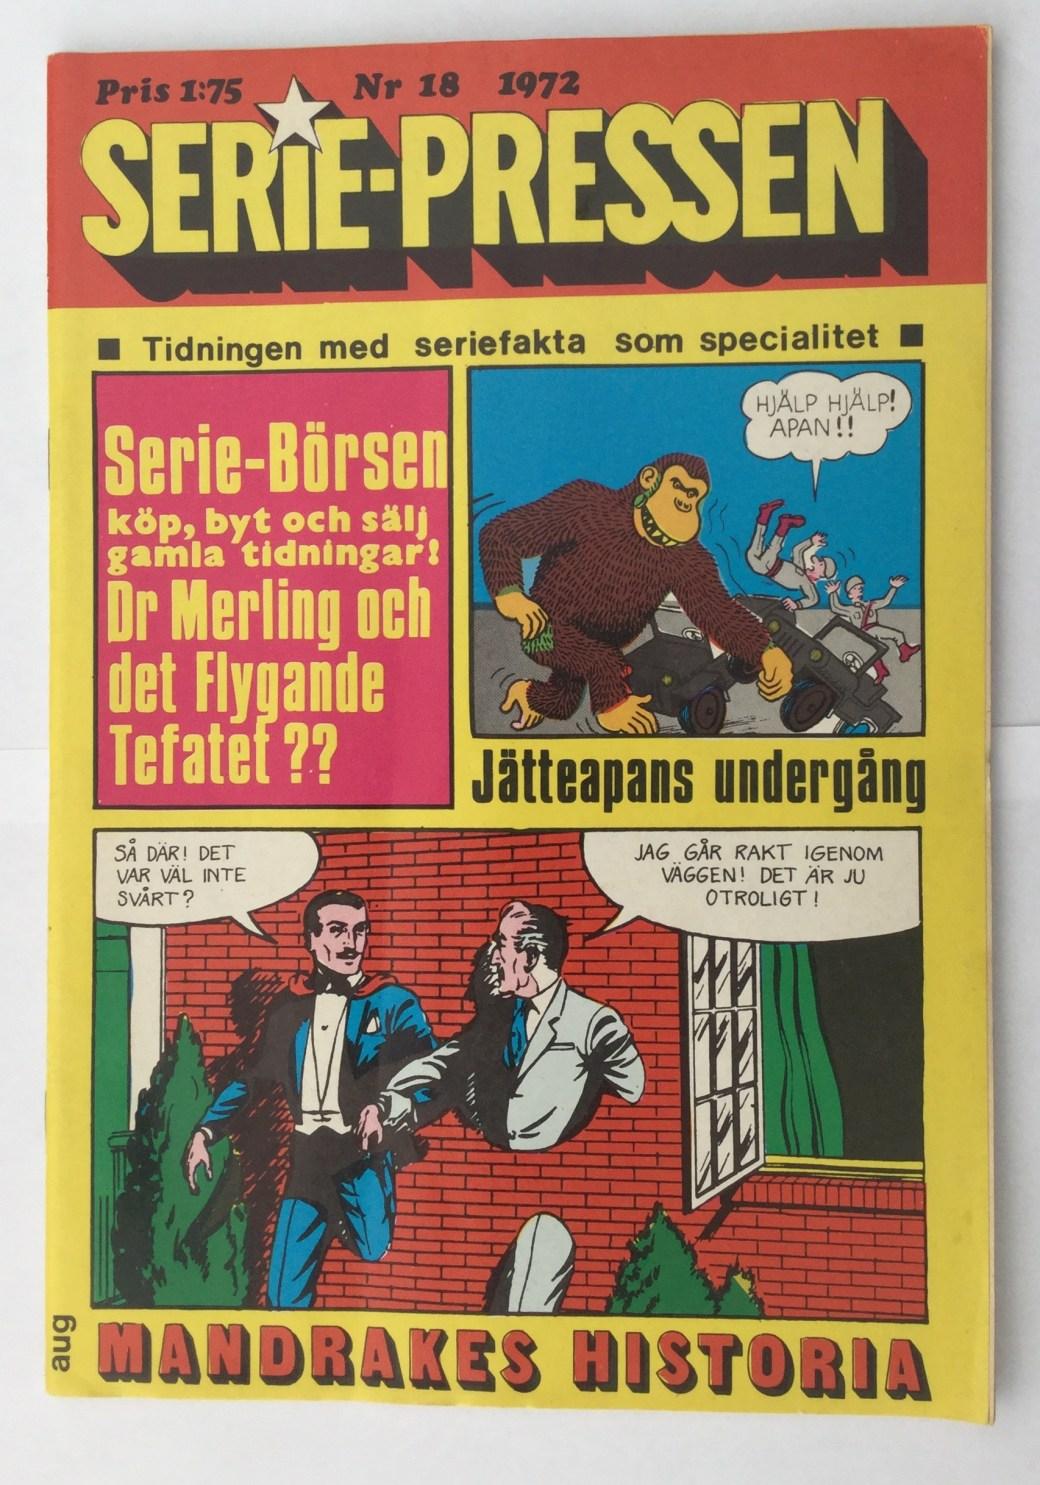 Serie-Pressen nr 18, 1972 i serietidningsformat